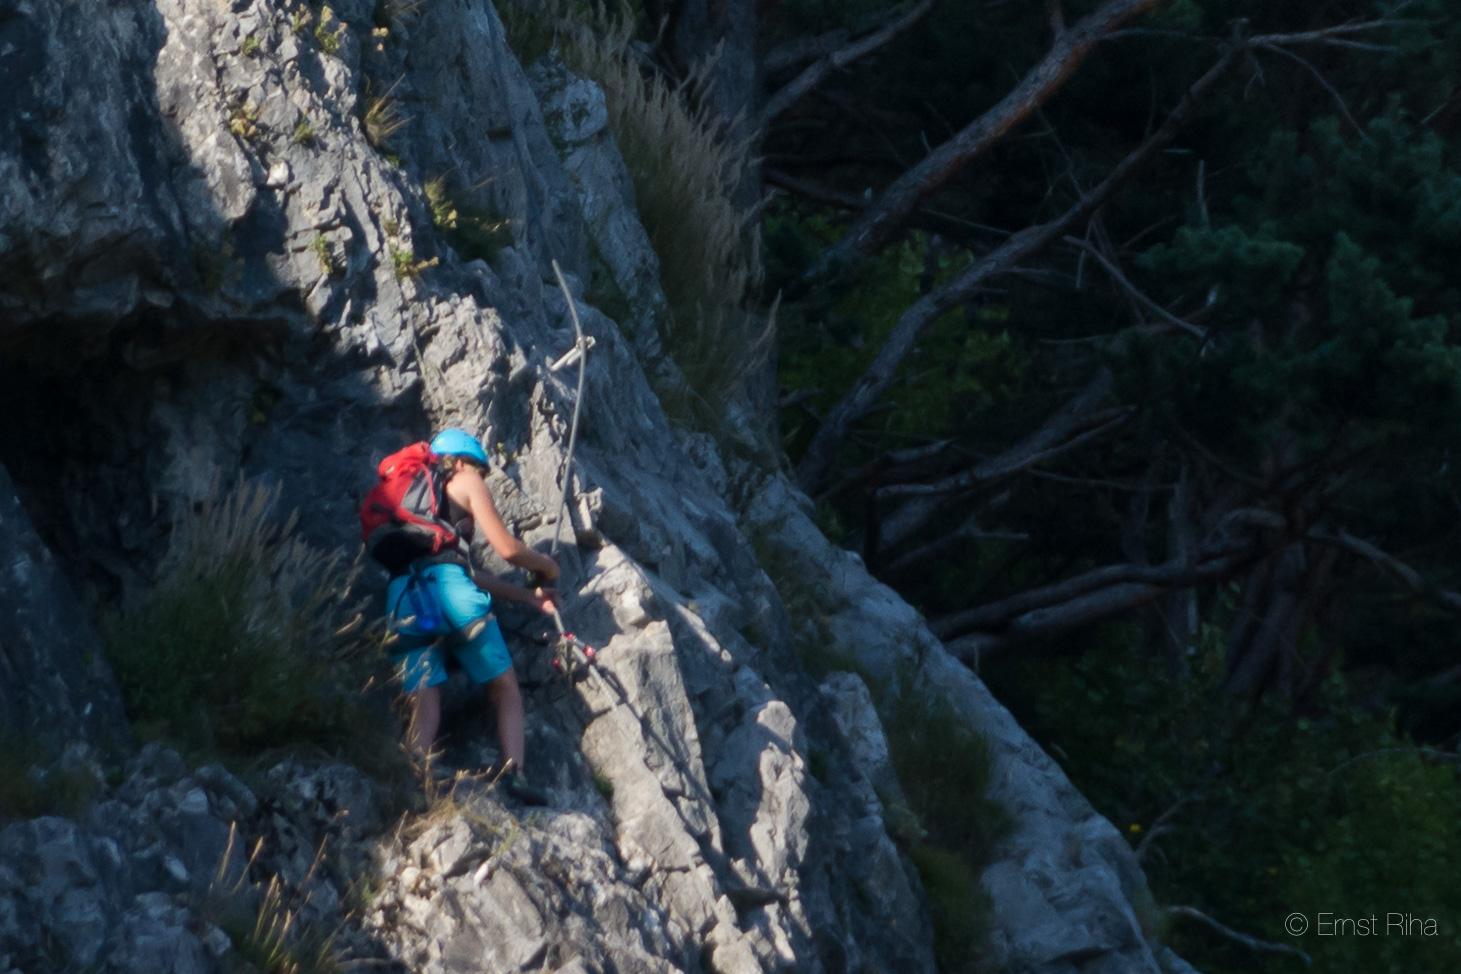 Der Klettersteig dann fein im Schatten